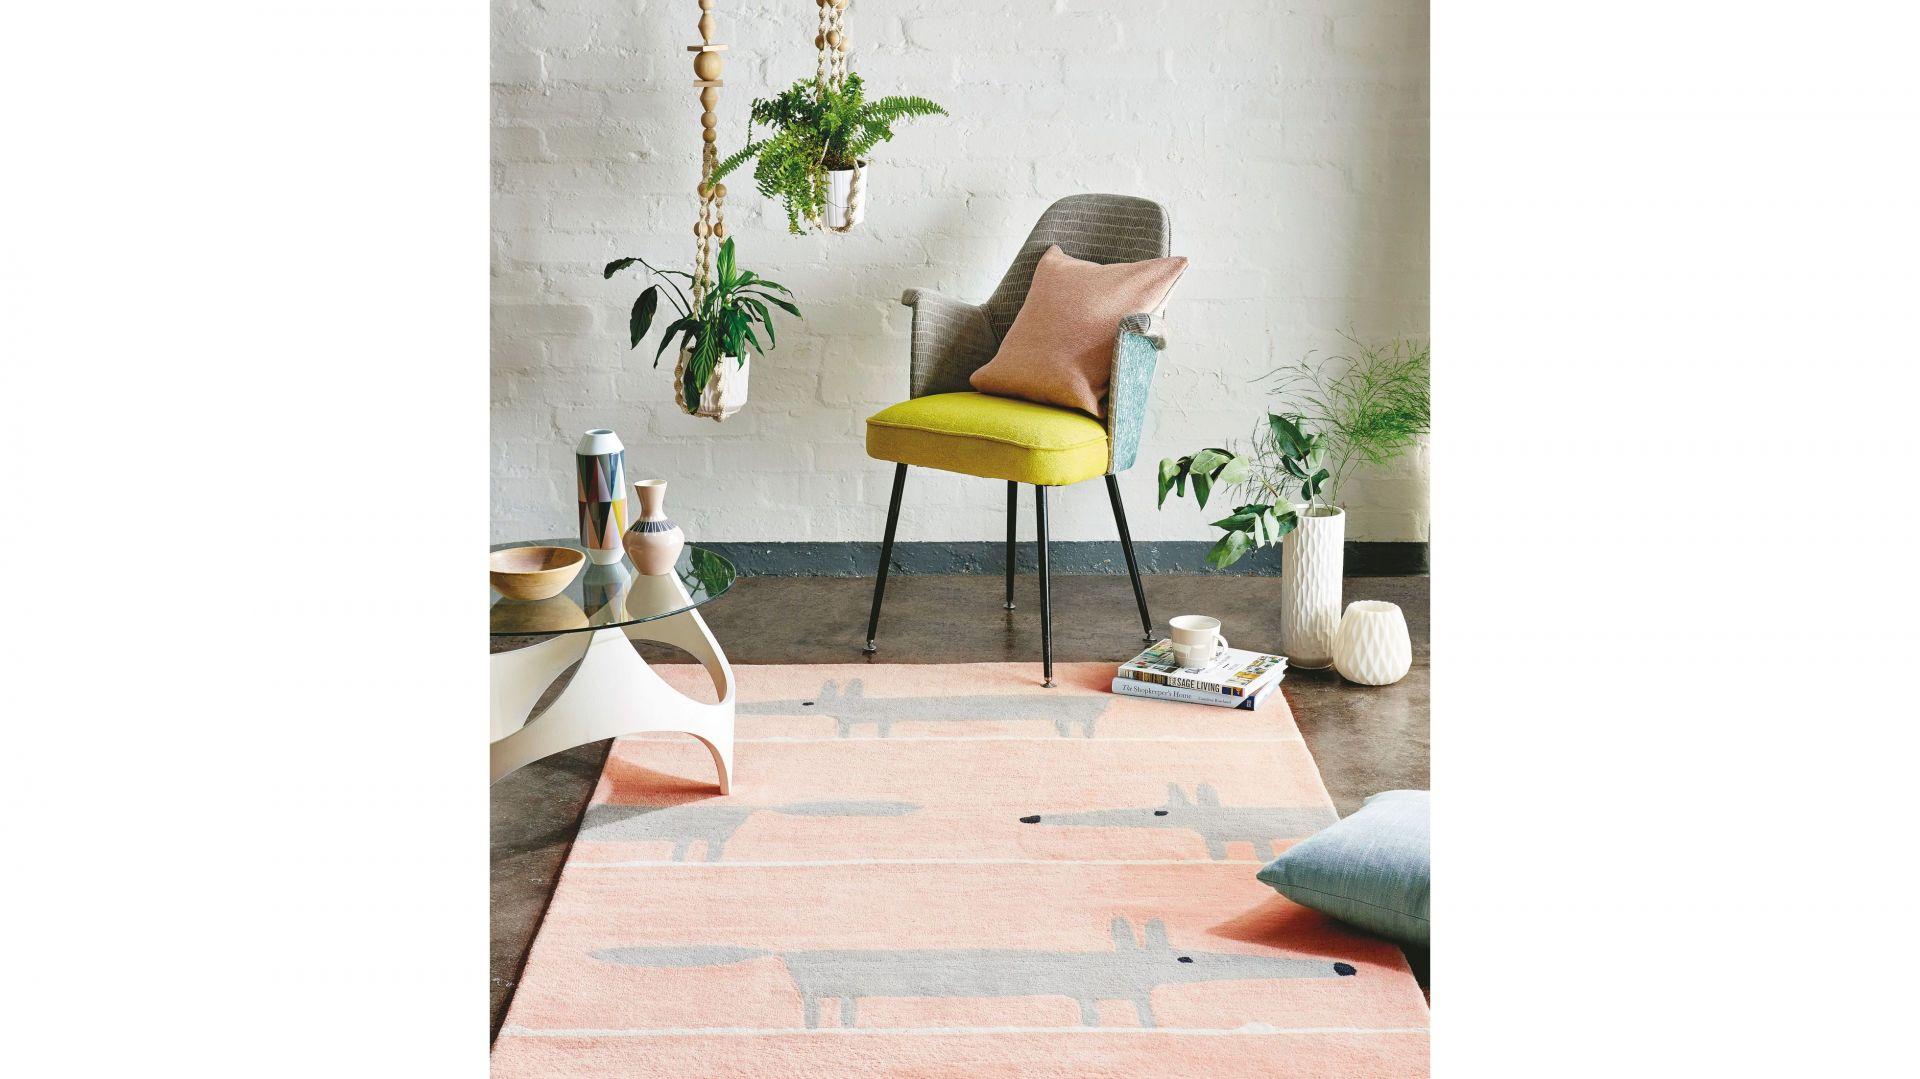 Różowy Dywan Dziecięcy - Mr Fox Blush 25302/carpets&More. Produkt zgłoszony do onkursu Dobry Design 2020.